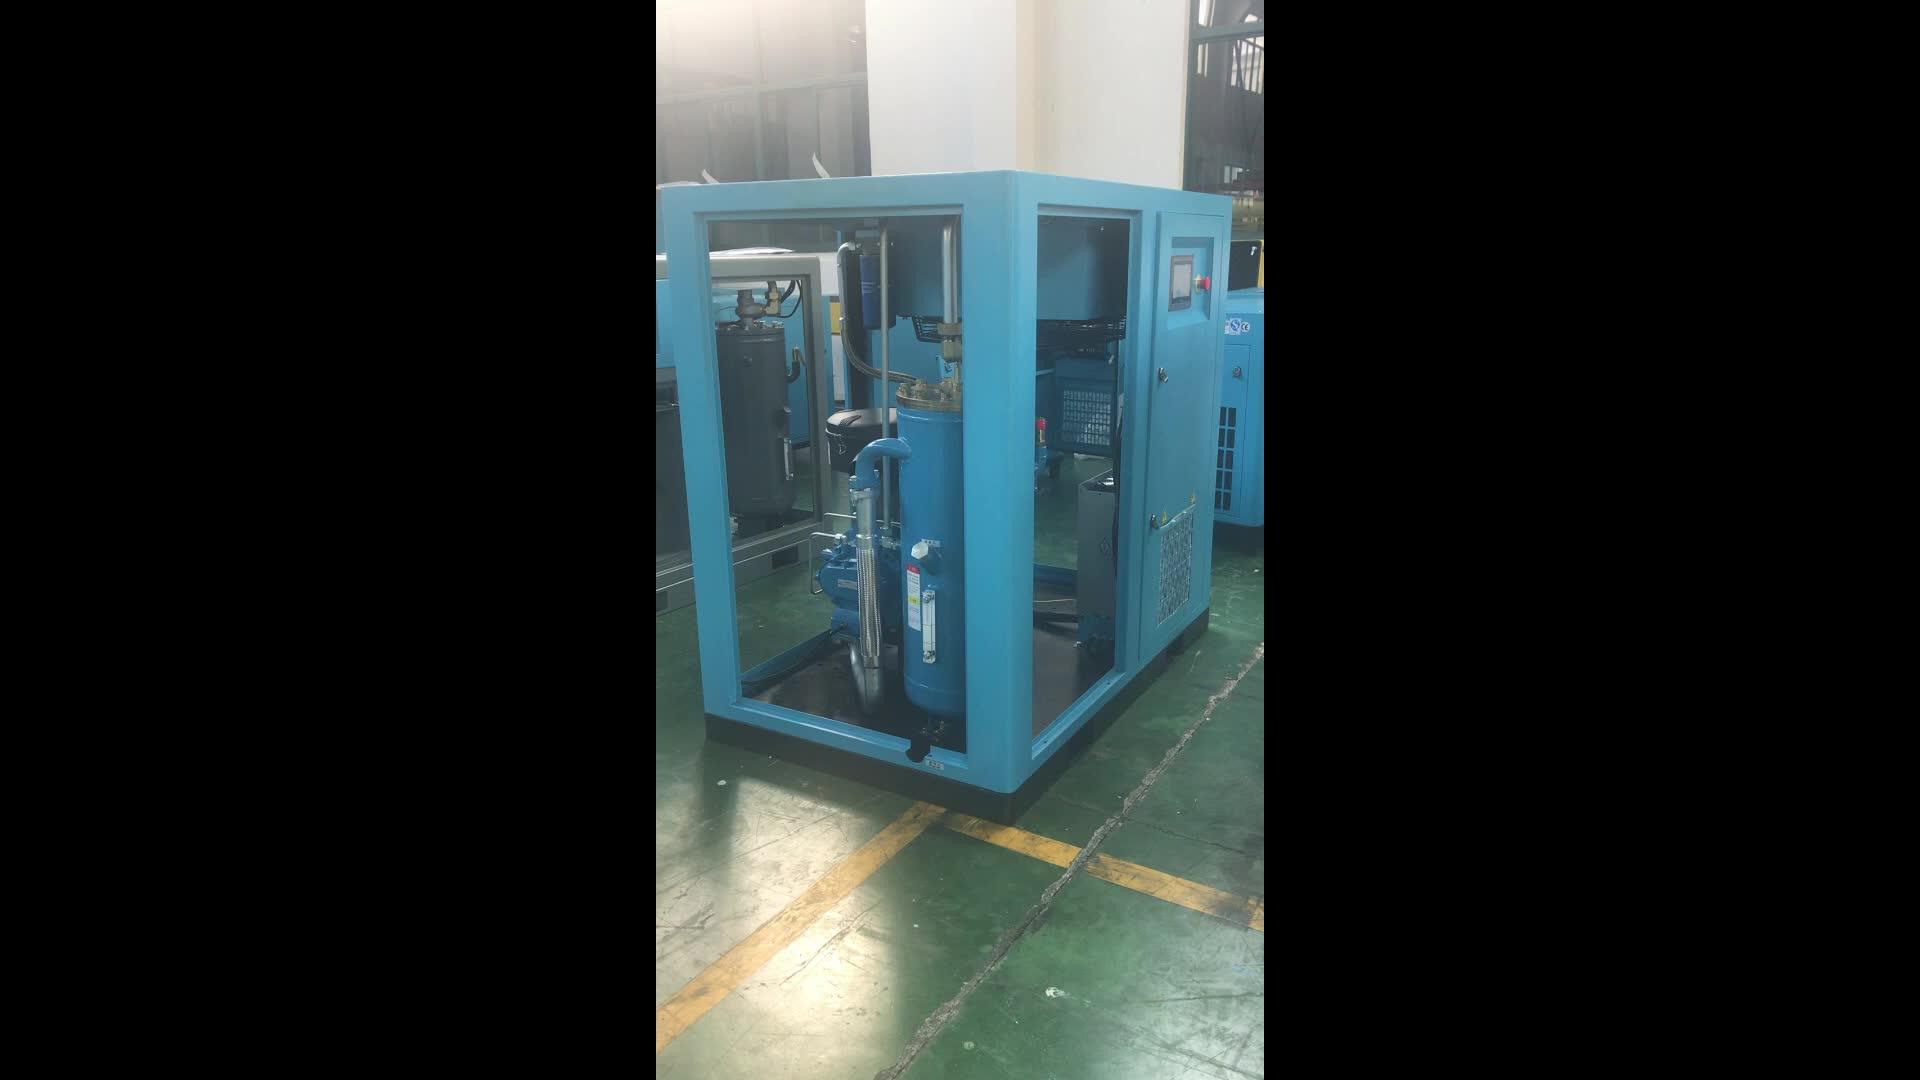 China fabrikant nieuwste zuinige air compressor voor medisch gebruik